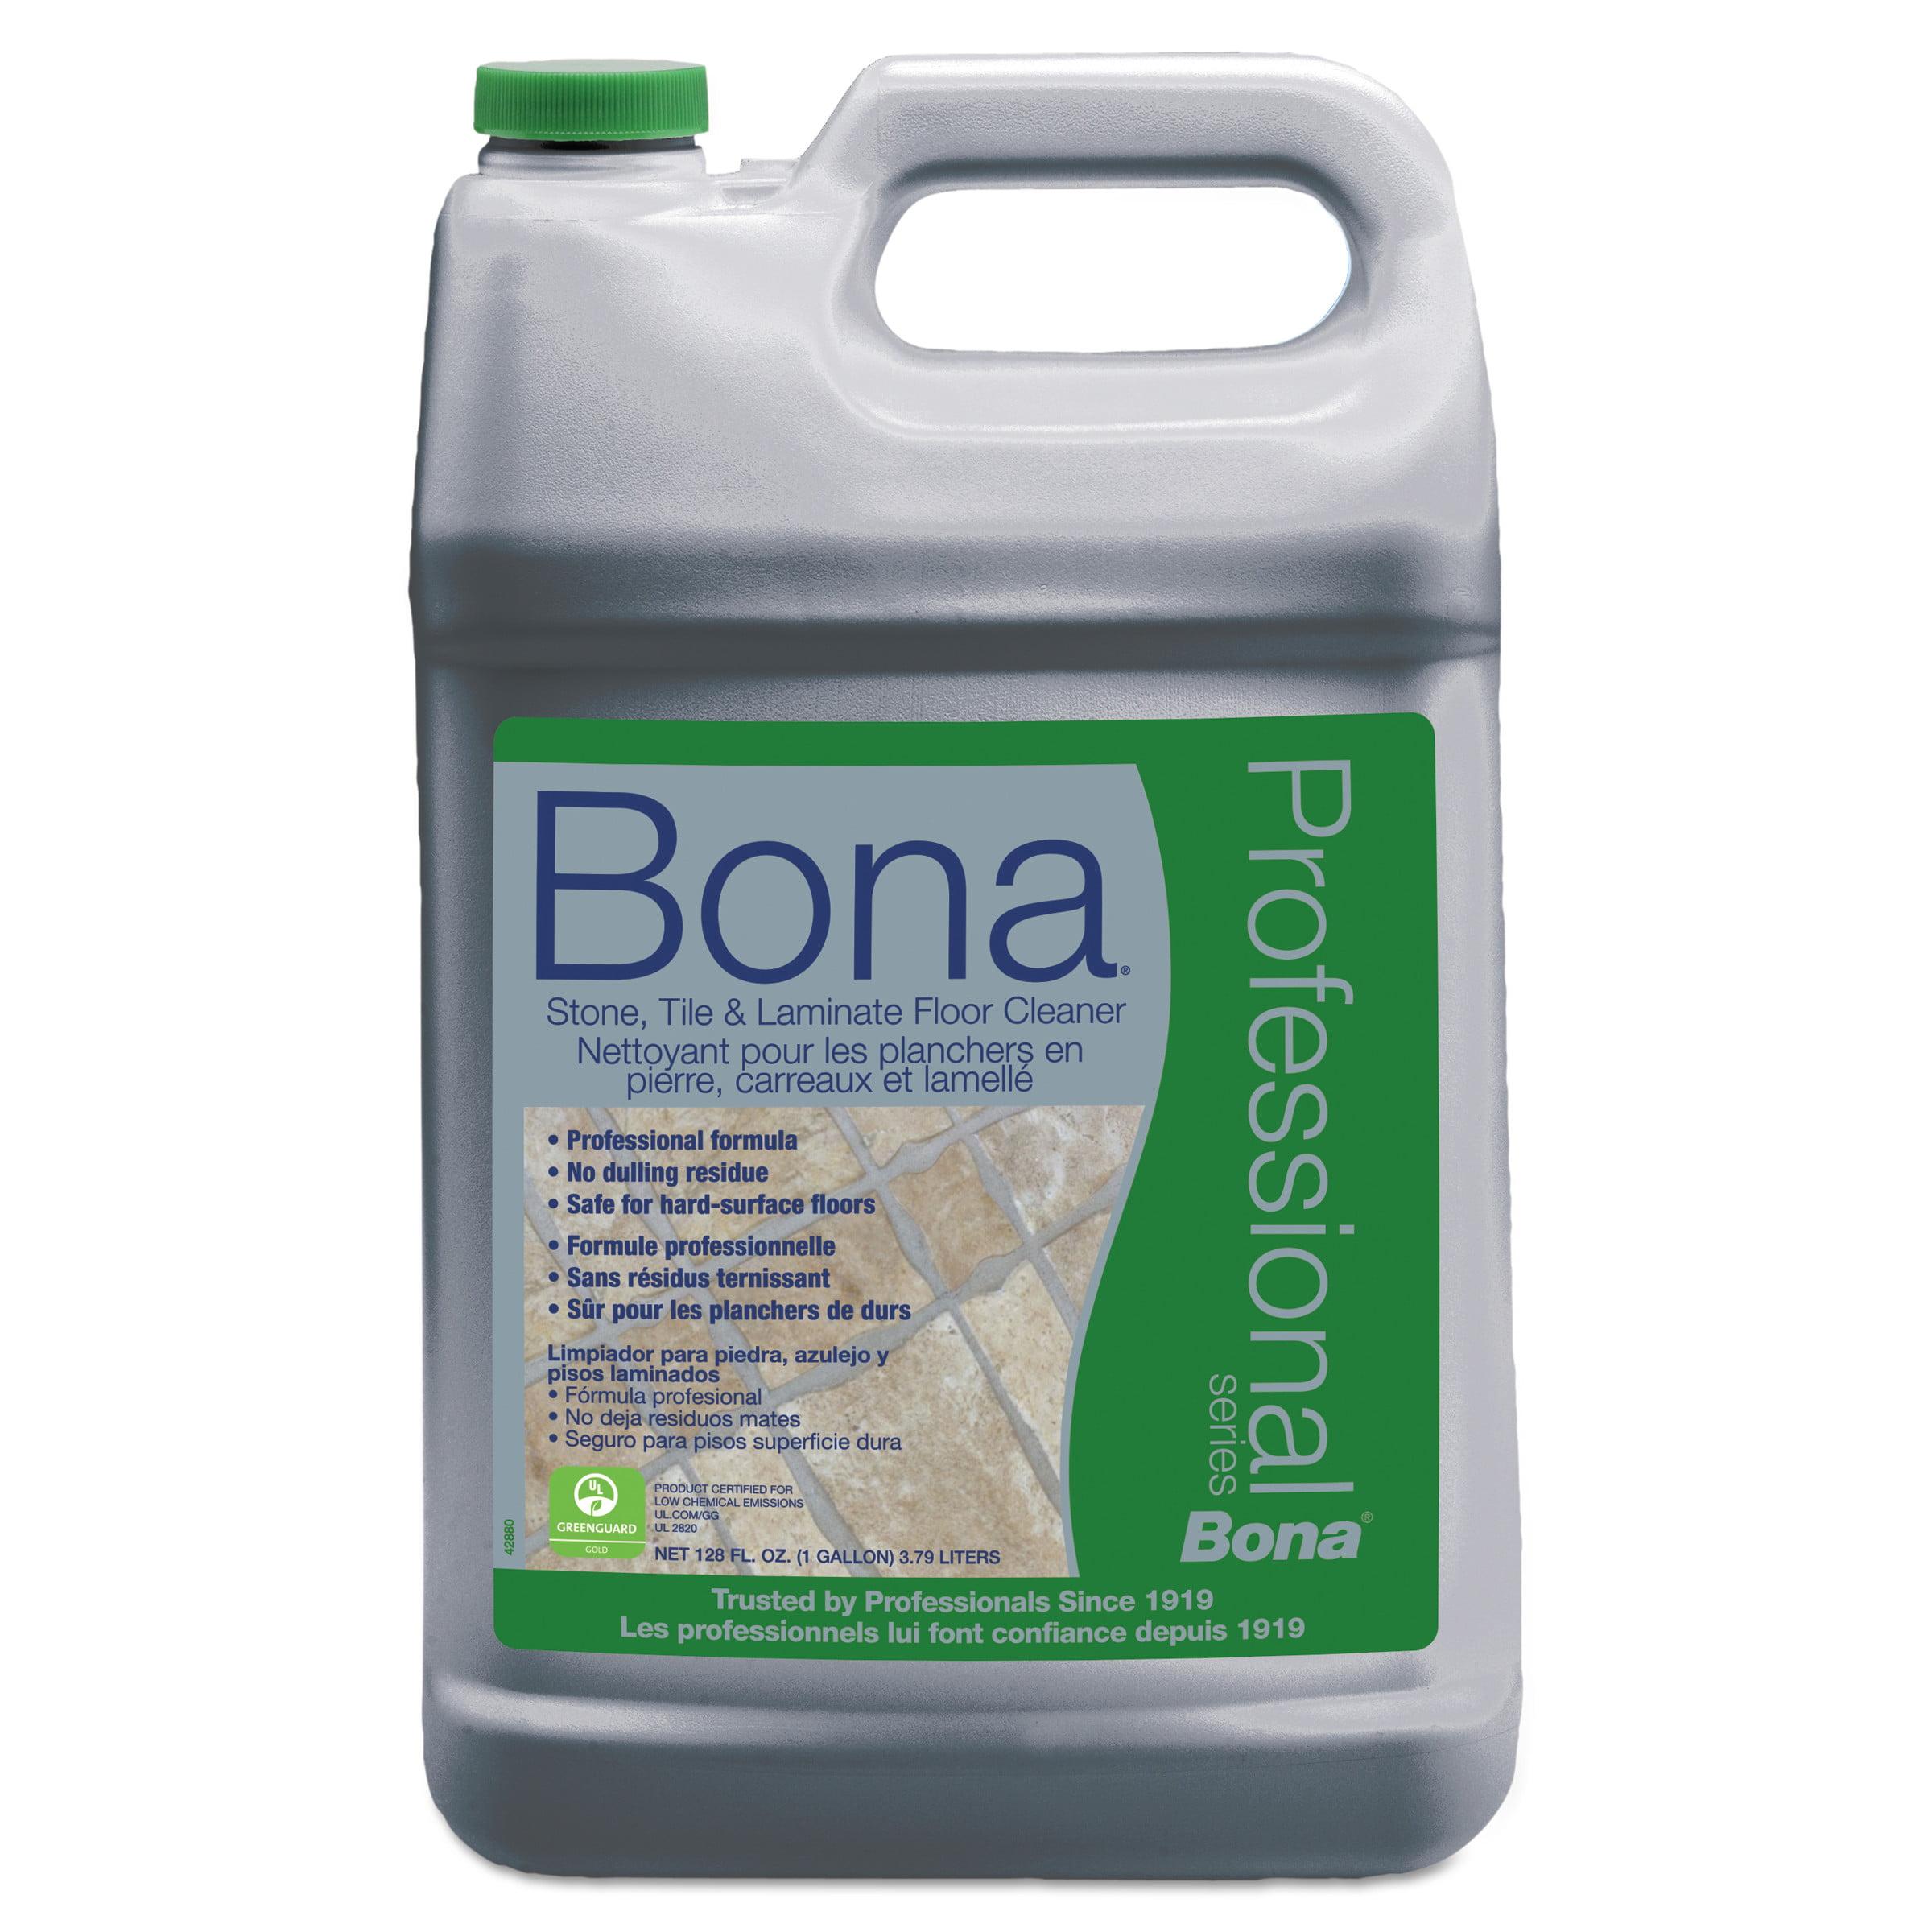 Bona Stone, Tile & Laminate Floor Cleaner, Fresh Scent, 1 gal Refill Bottle